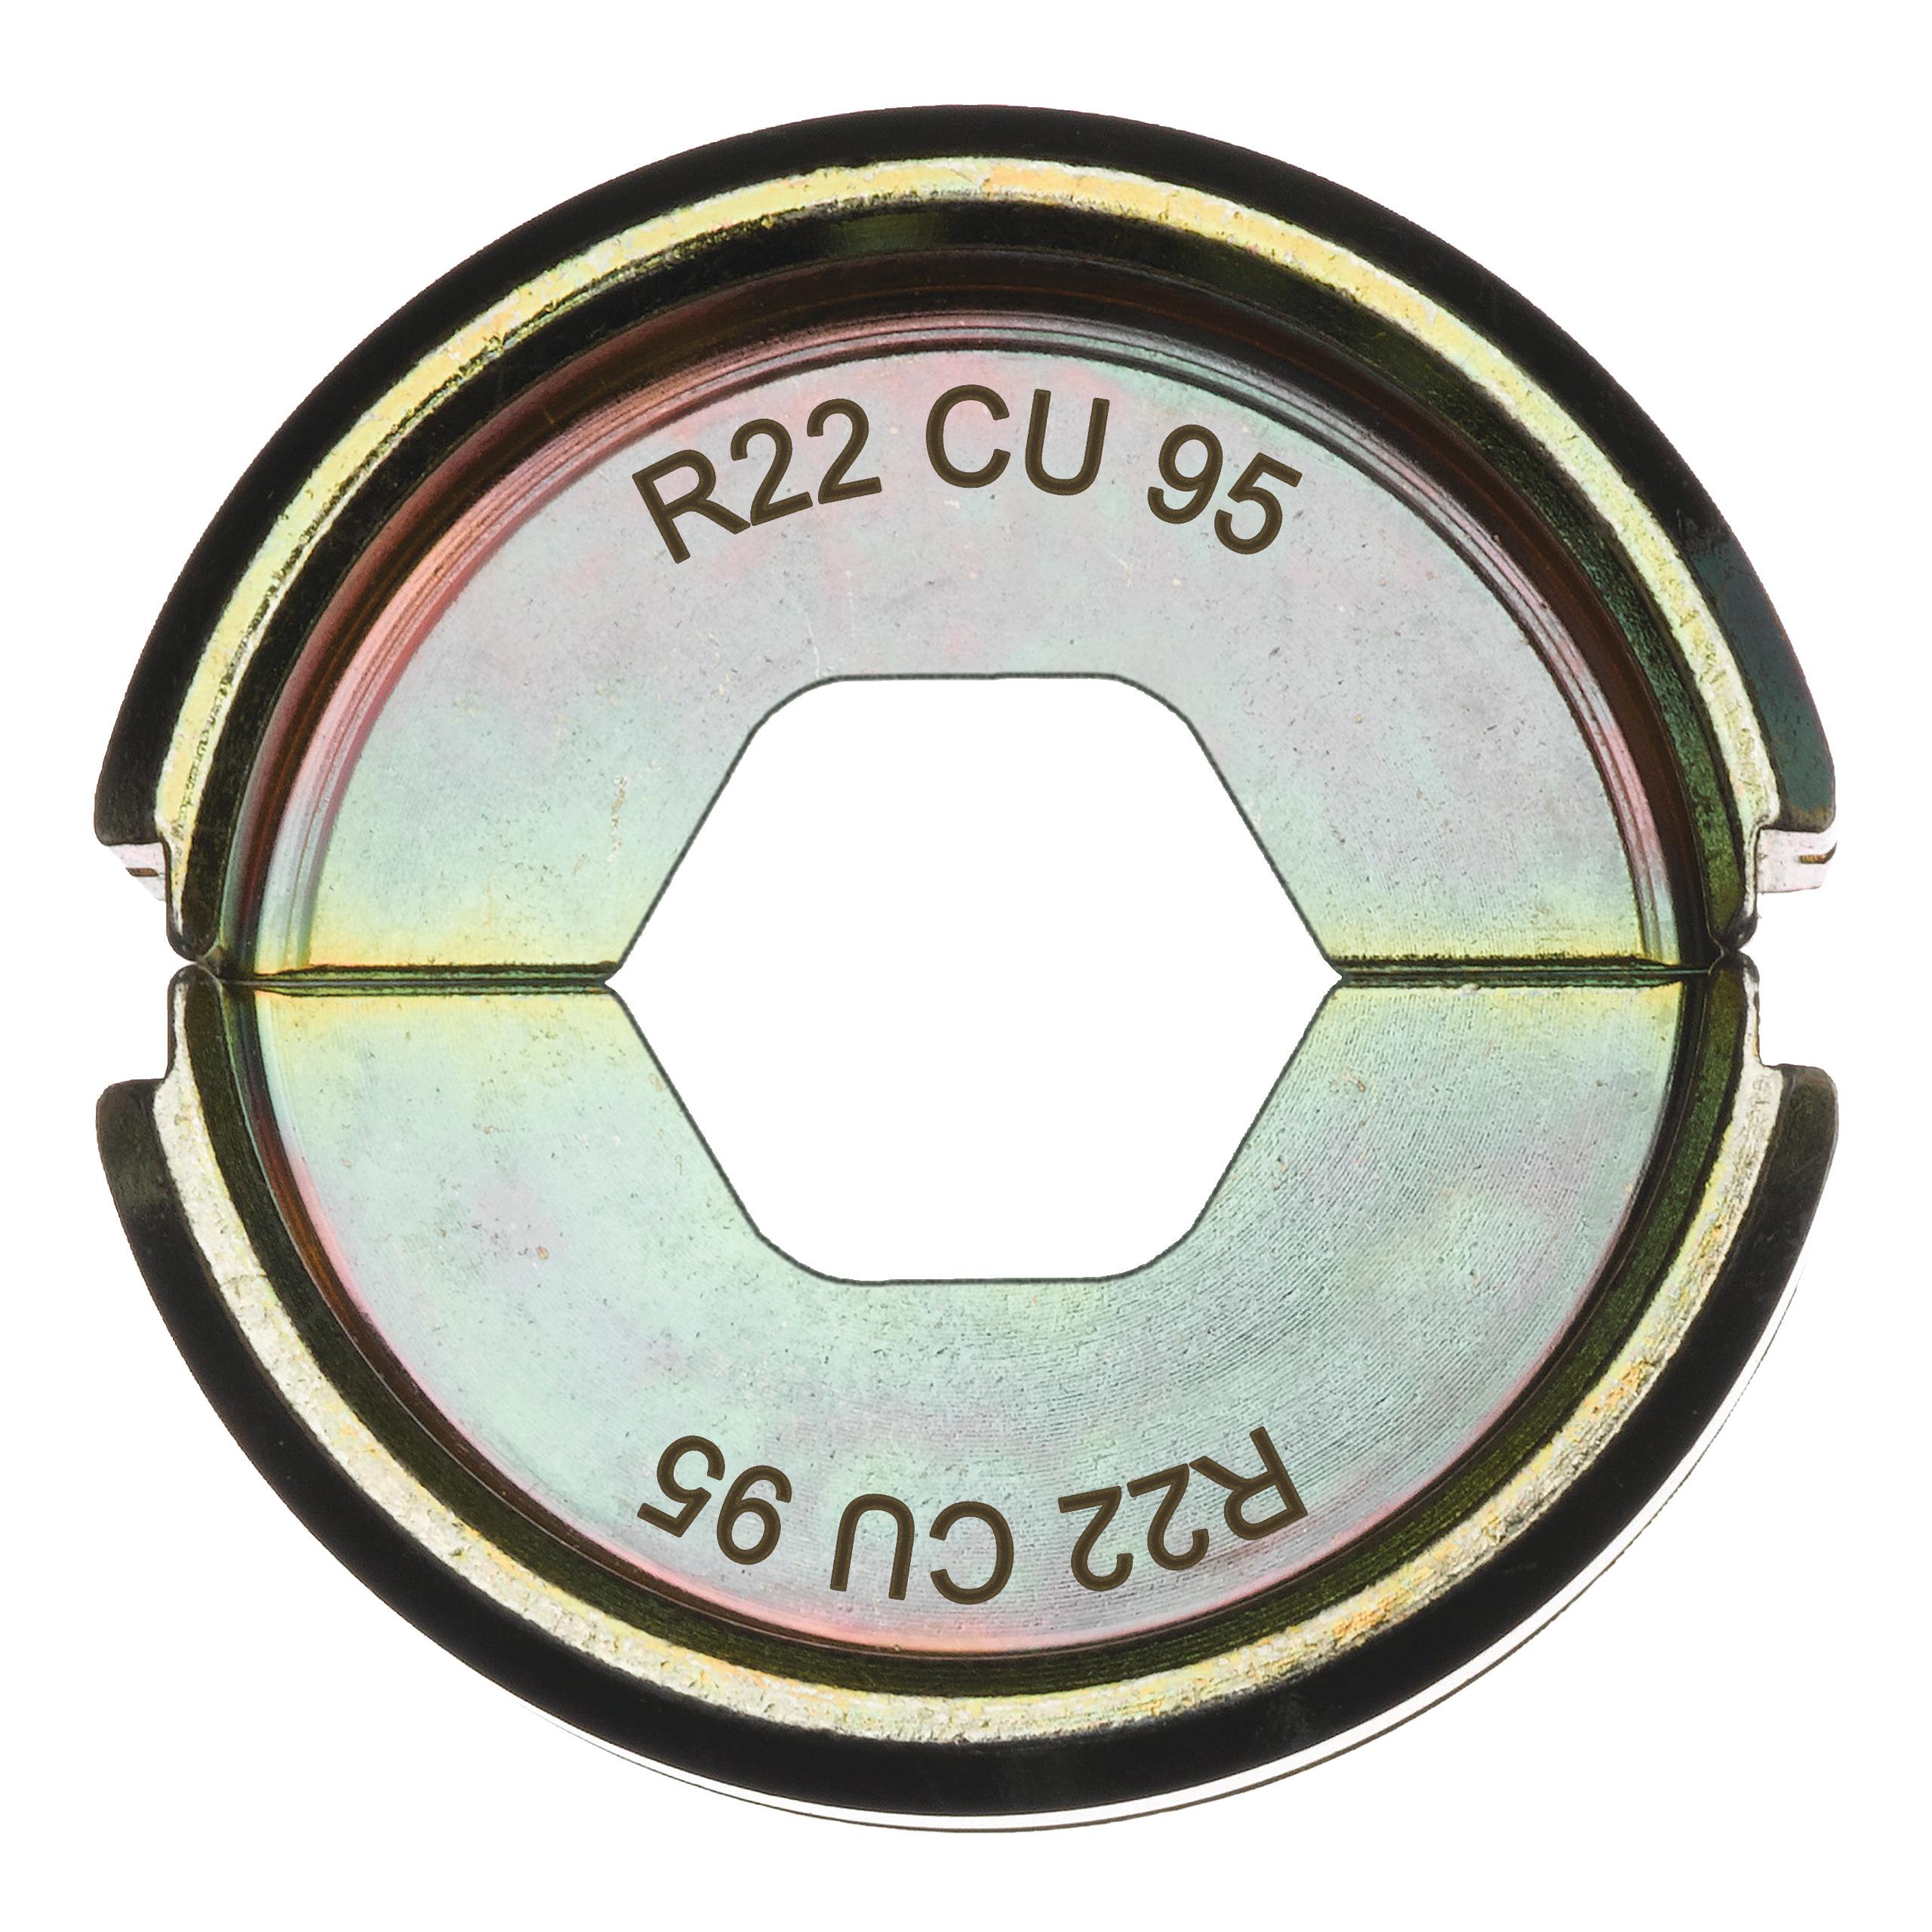 Krimpovací čelisti  R22 Cu 95